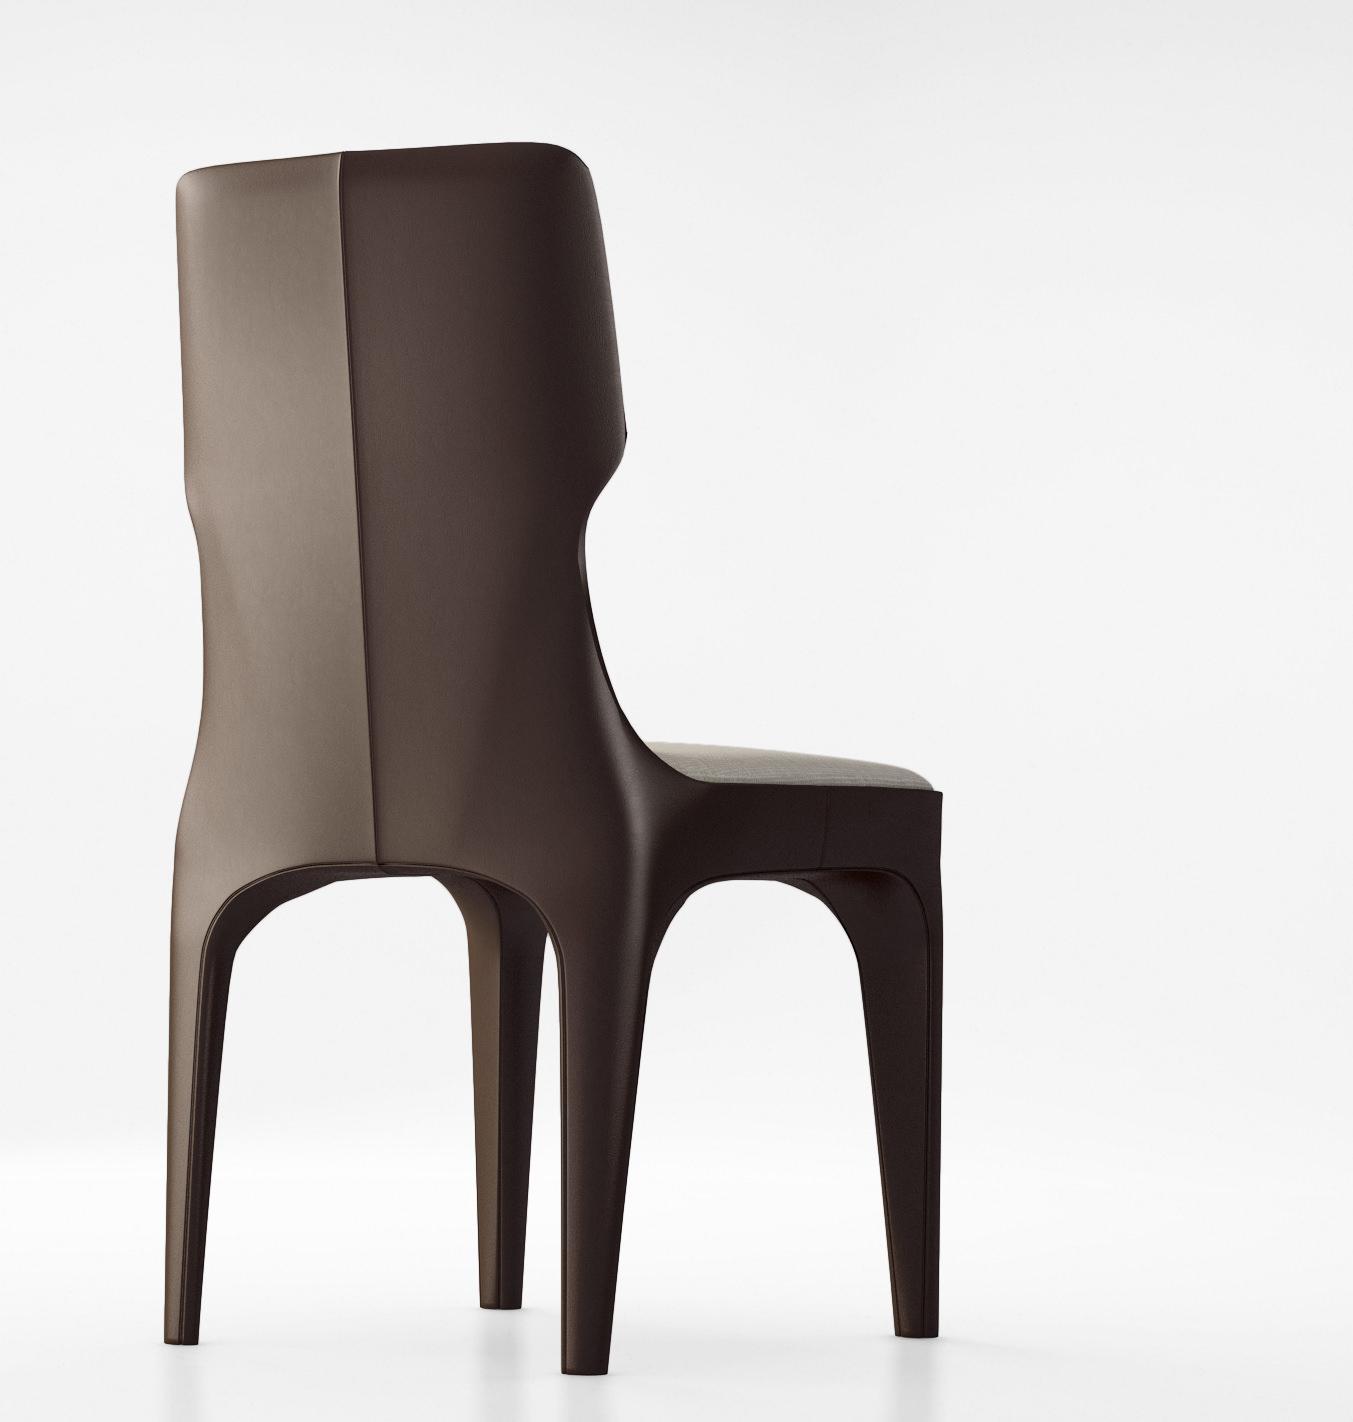 Giorgetti Tiche Chair 2014 3D Model max obj CGTradercom